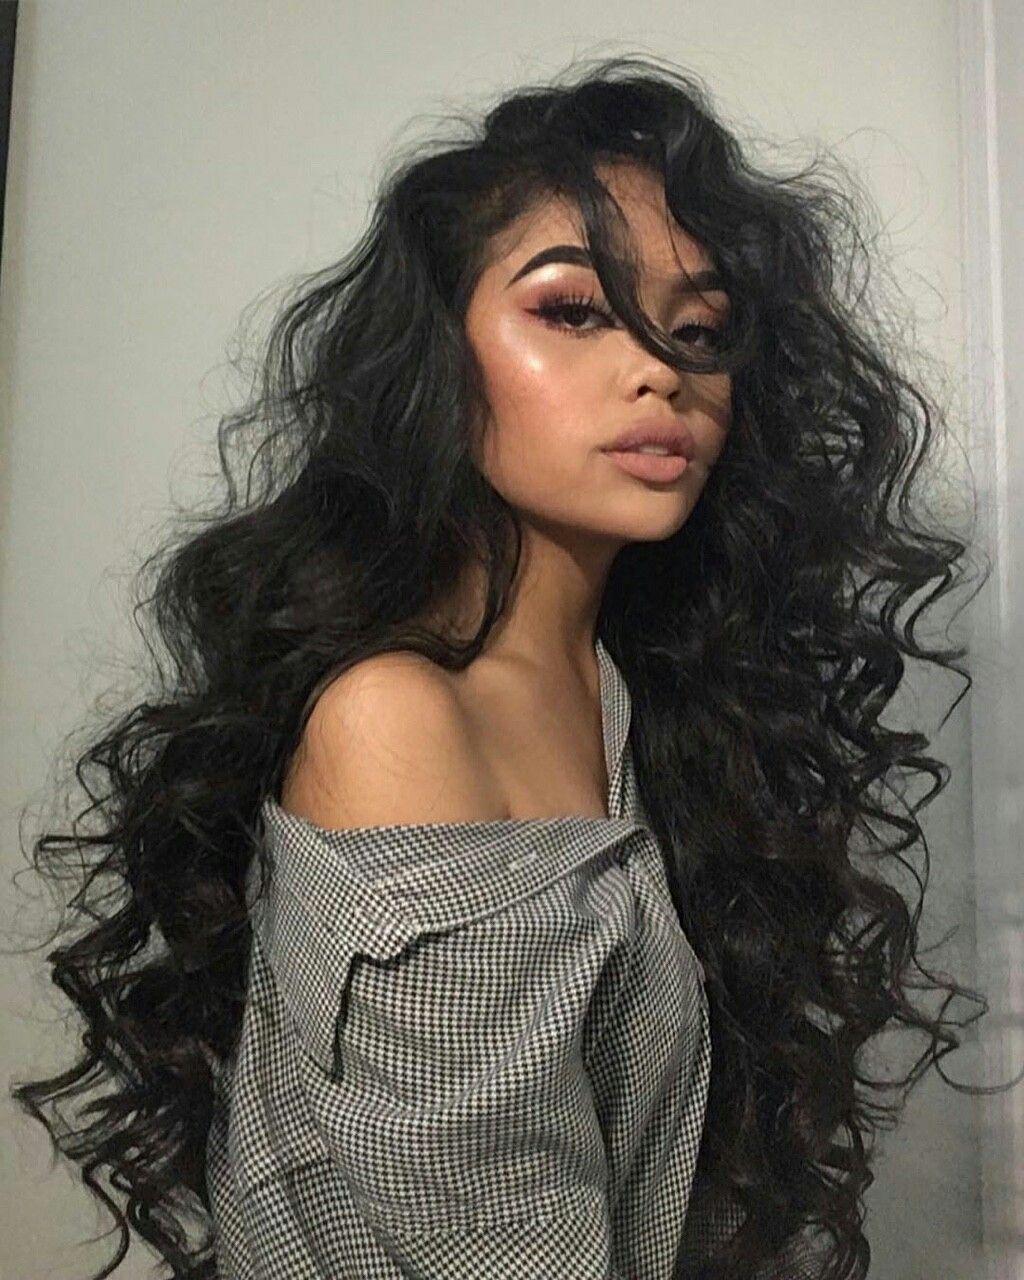 Ik Heb Deze Foto Gekozen Omdat Mia Haar Zelf Beschrijft Met Zwarte Lange Krullen Hair Styles Curly Hair Styles Naturally Curly Hair Styles